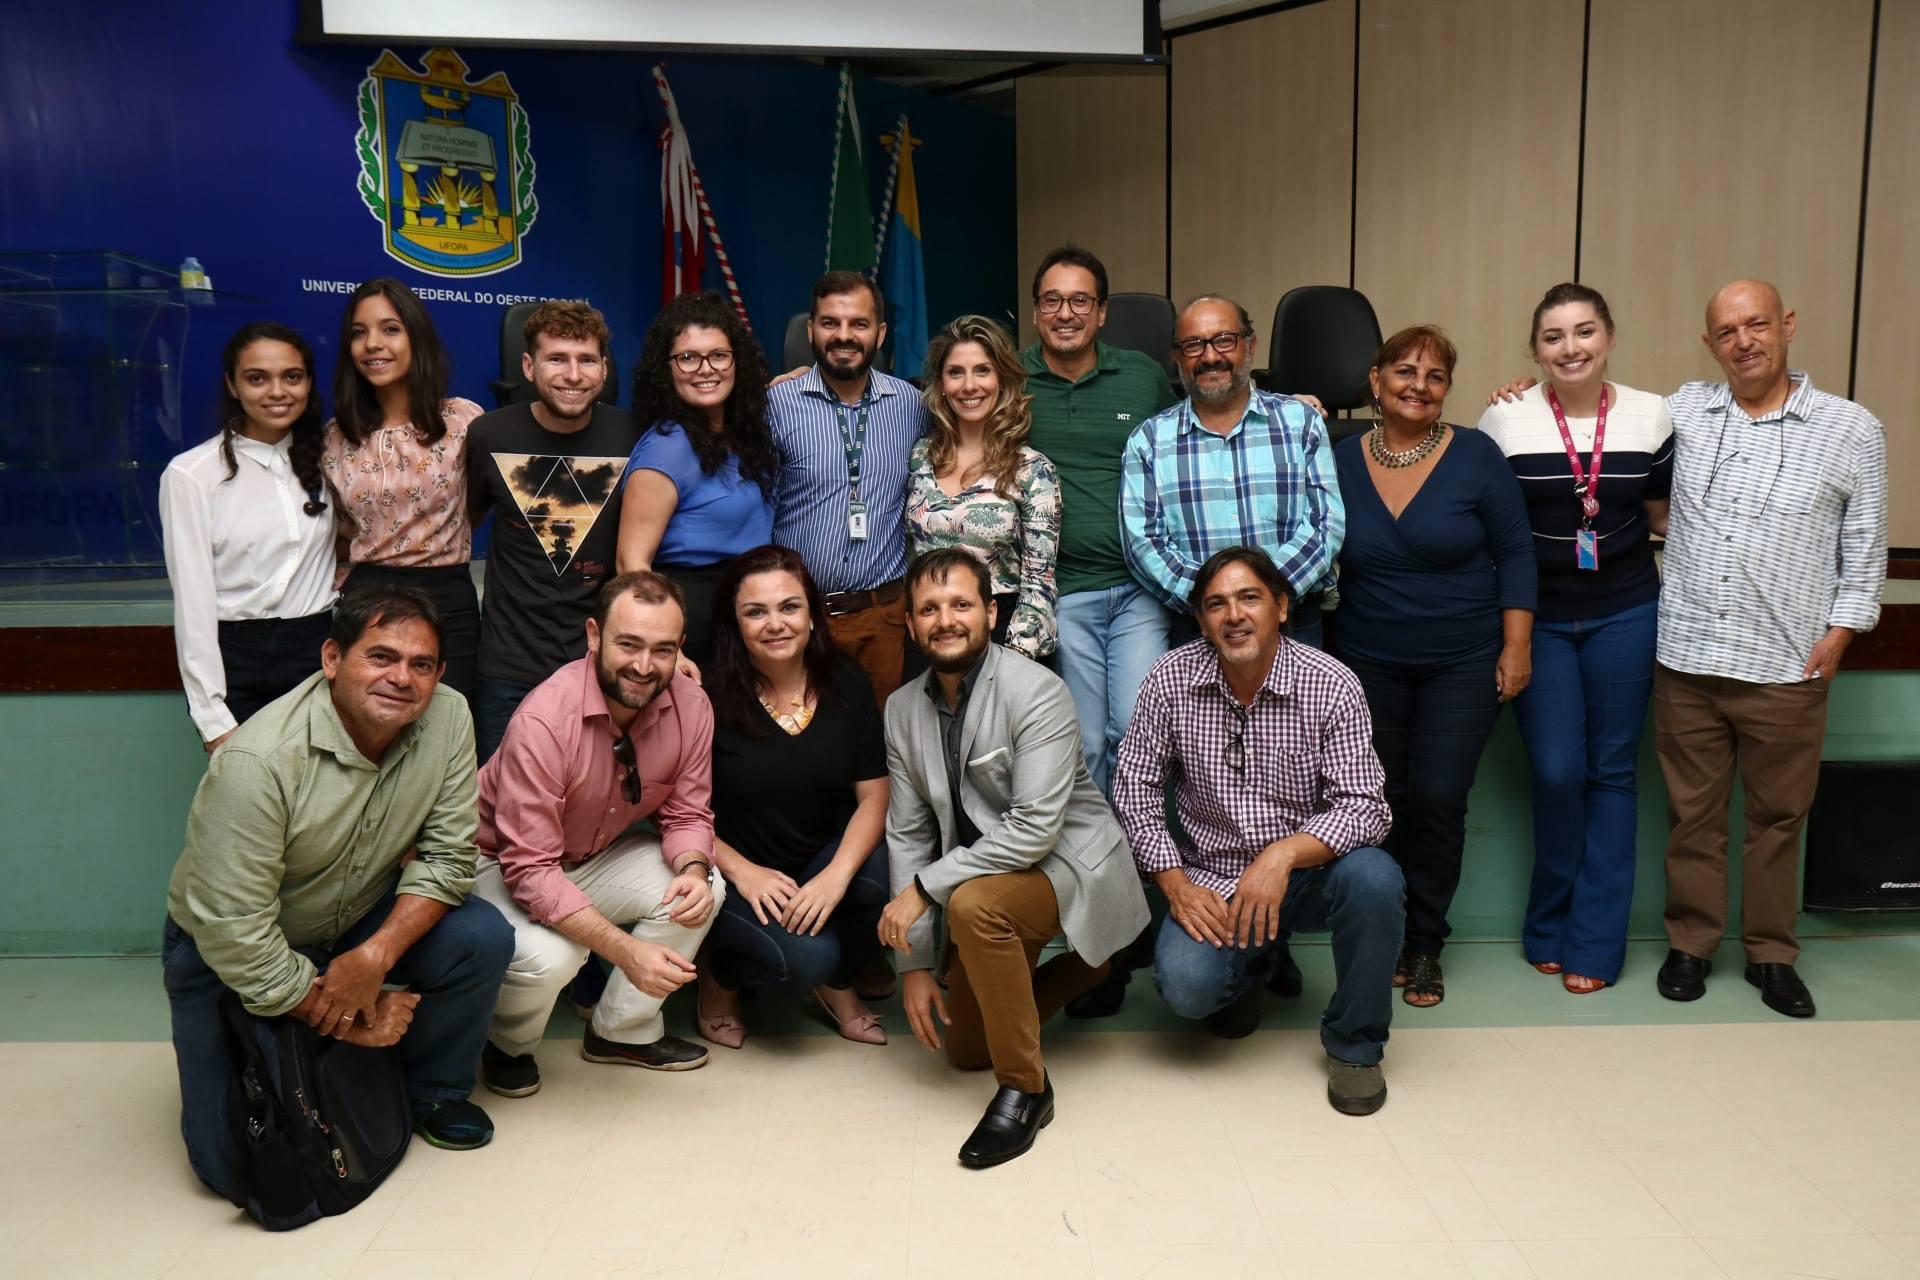 Palestrantes E Organizadores Da Semana De Inovação Tecnológica - UFOPA